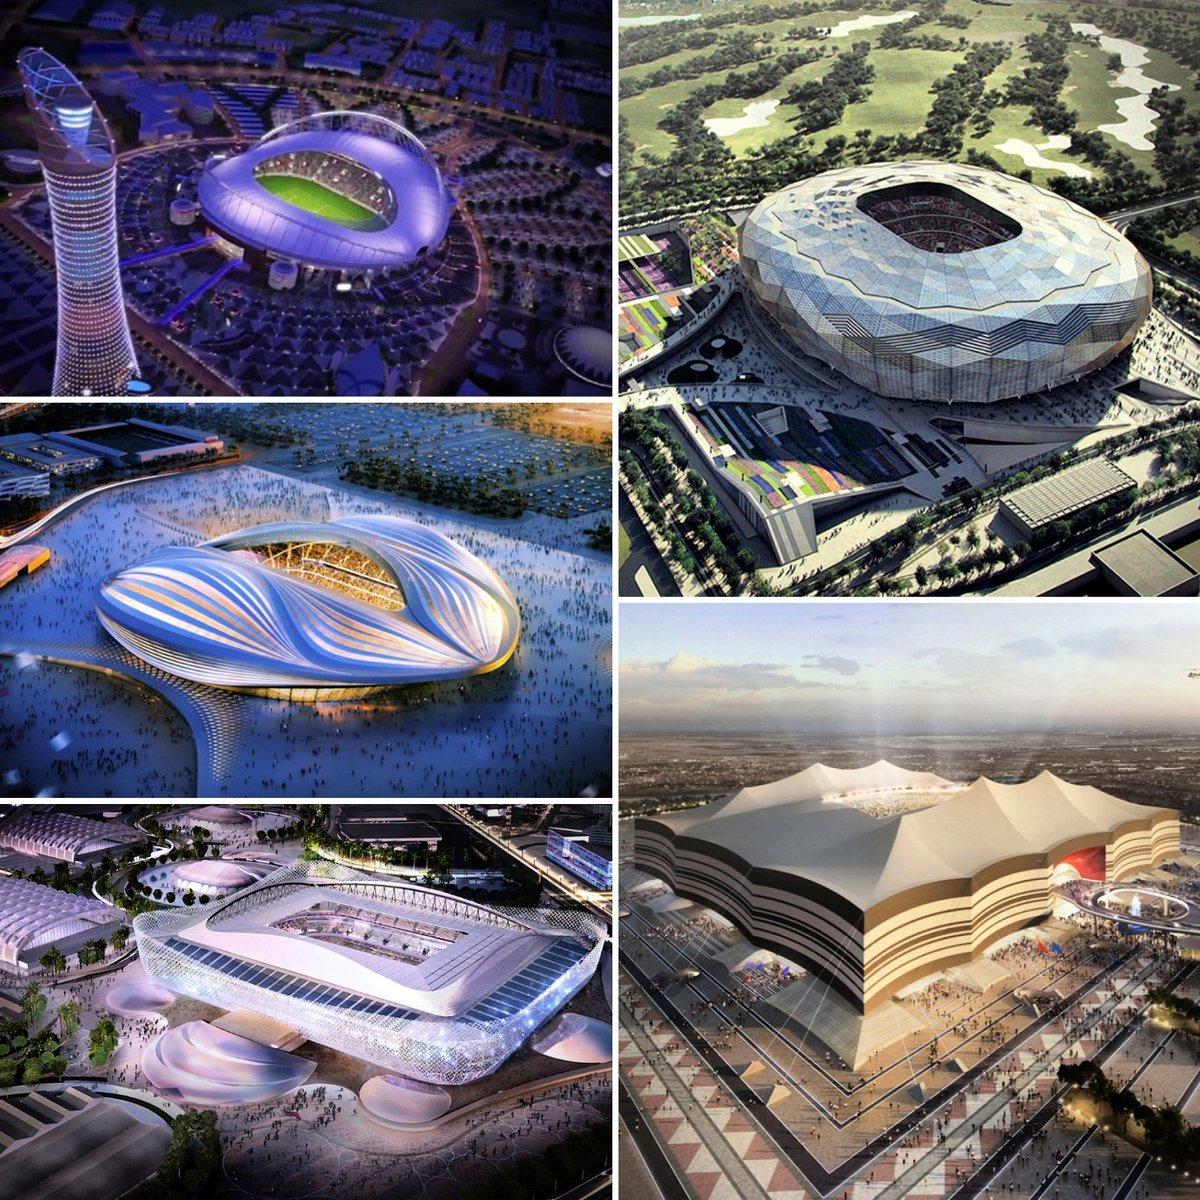 غداً الإعلان عن تصميم سادس استادات كأس العالم #قطر ٢٠٢٢ الساعة ٢ الظهر بتوقيت الدوحة على حساب @roadto2022 https://t.co/dwPlQhTR25